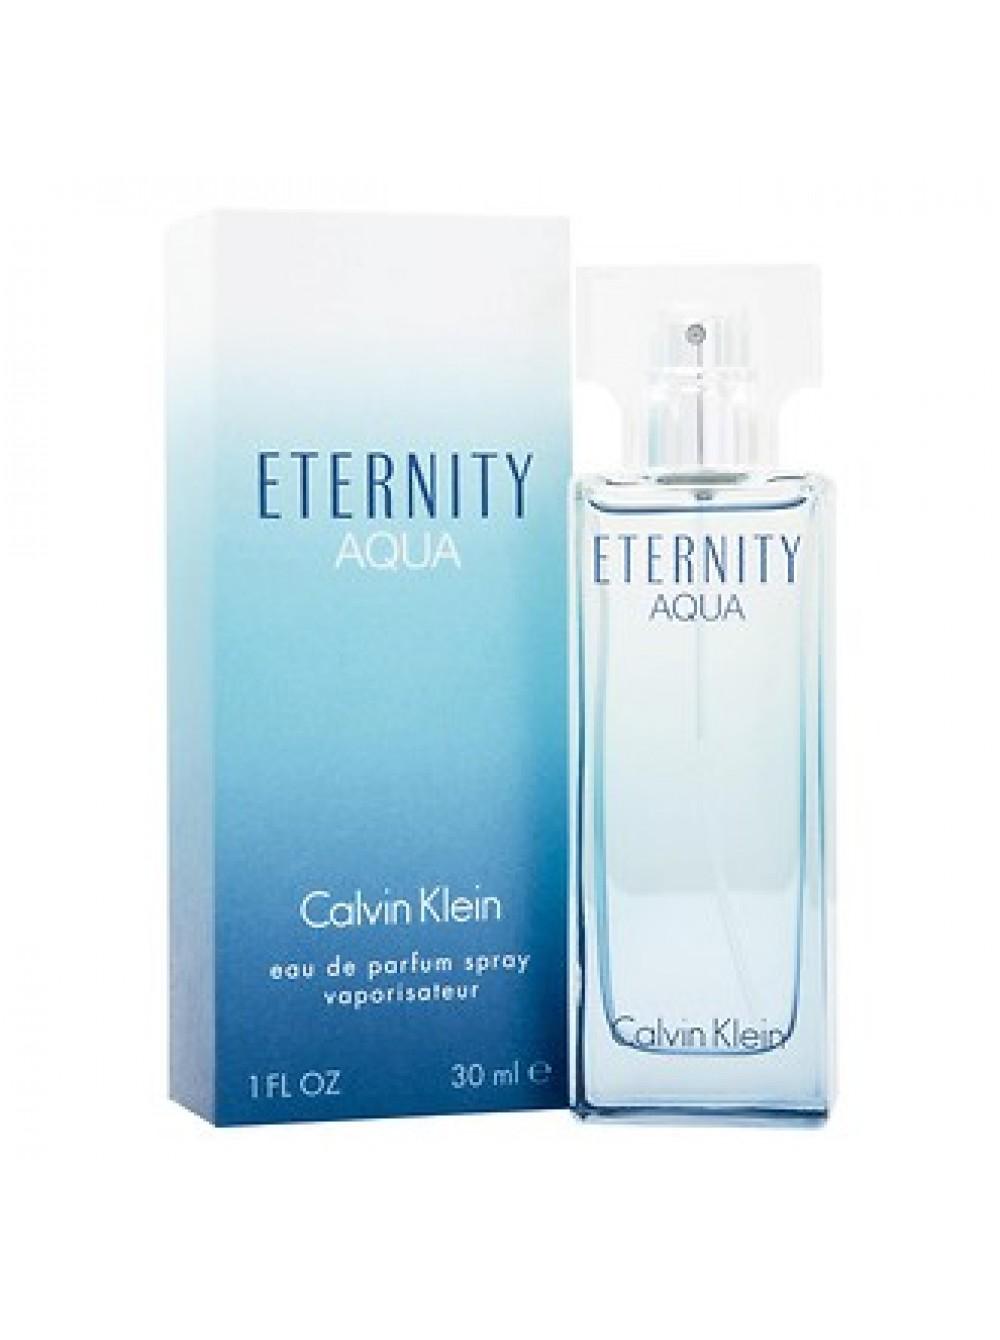 Calvin Klein Eternity Aqua for Women ??????????????? ???? 30 ??